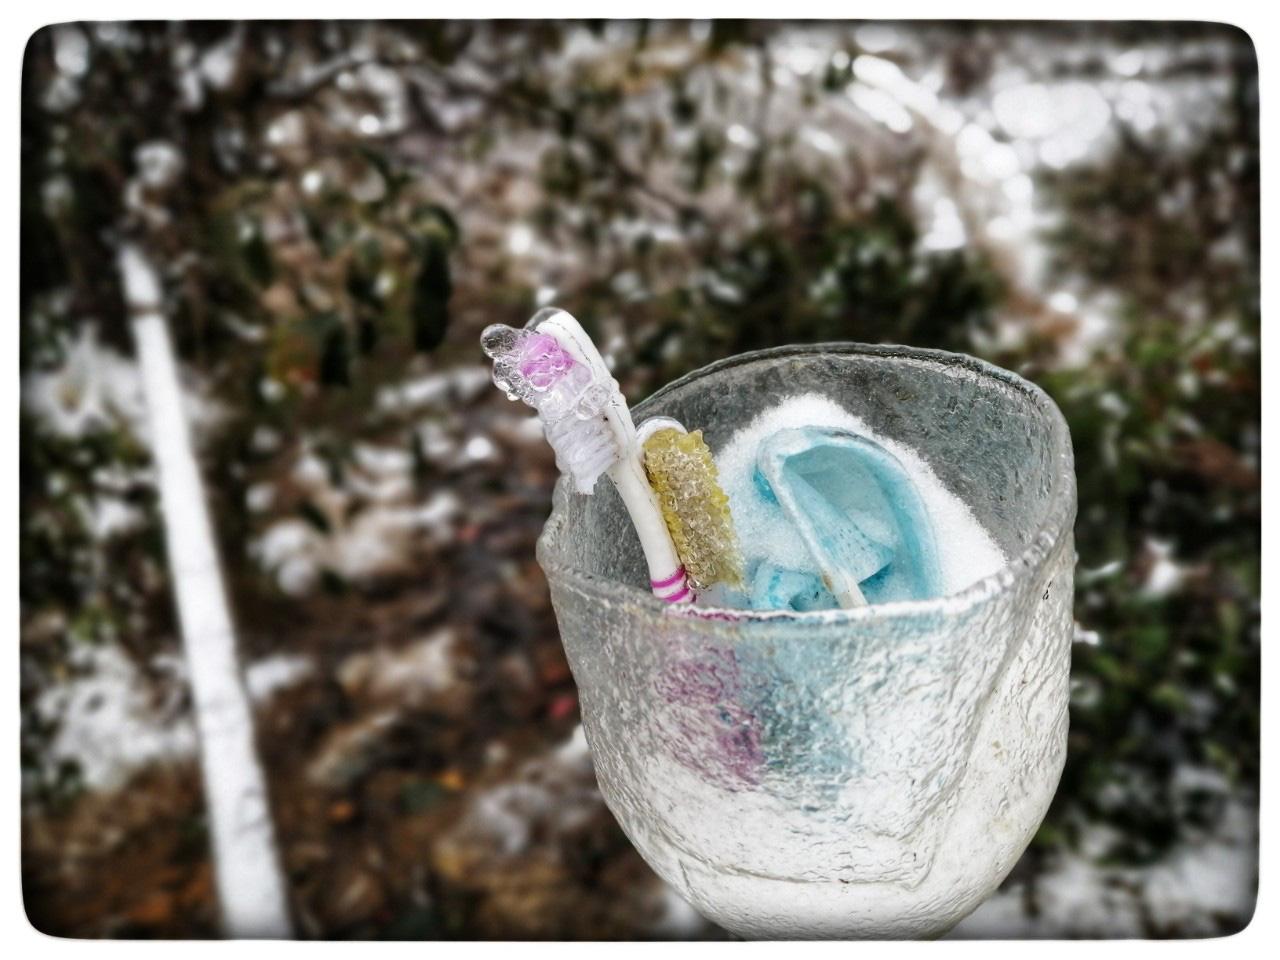 Lào Cai: Lạnh -3 độ C, Y Tý ngày tuyết rơi như chiếc tủ lạnh khổng lồ, đẹp như trời Âu - Ảnh 10.